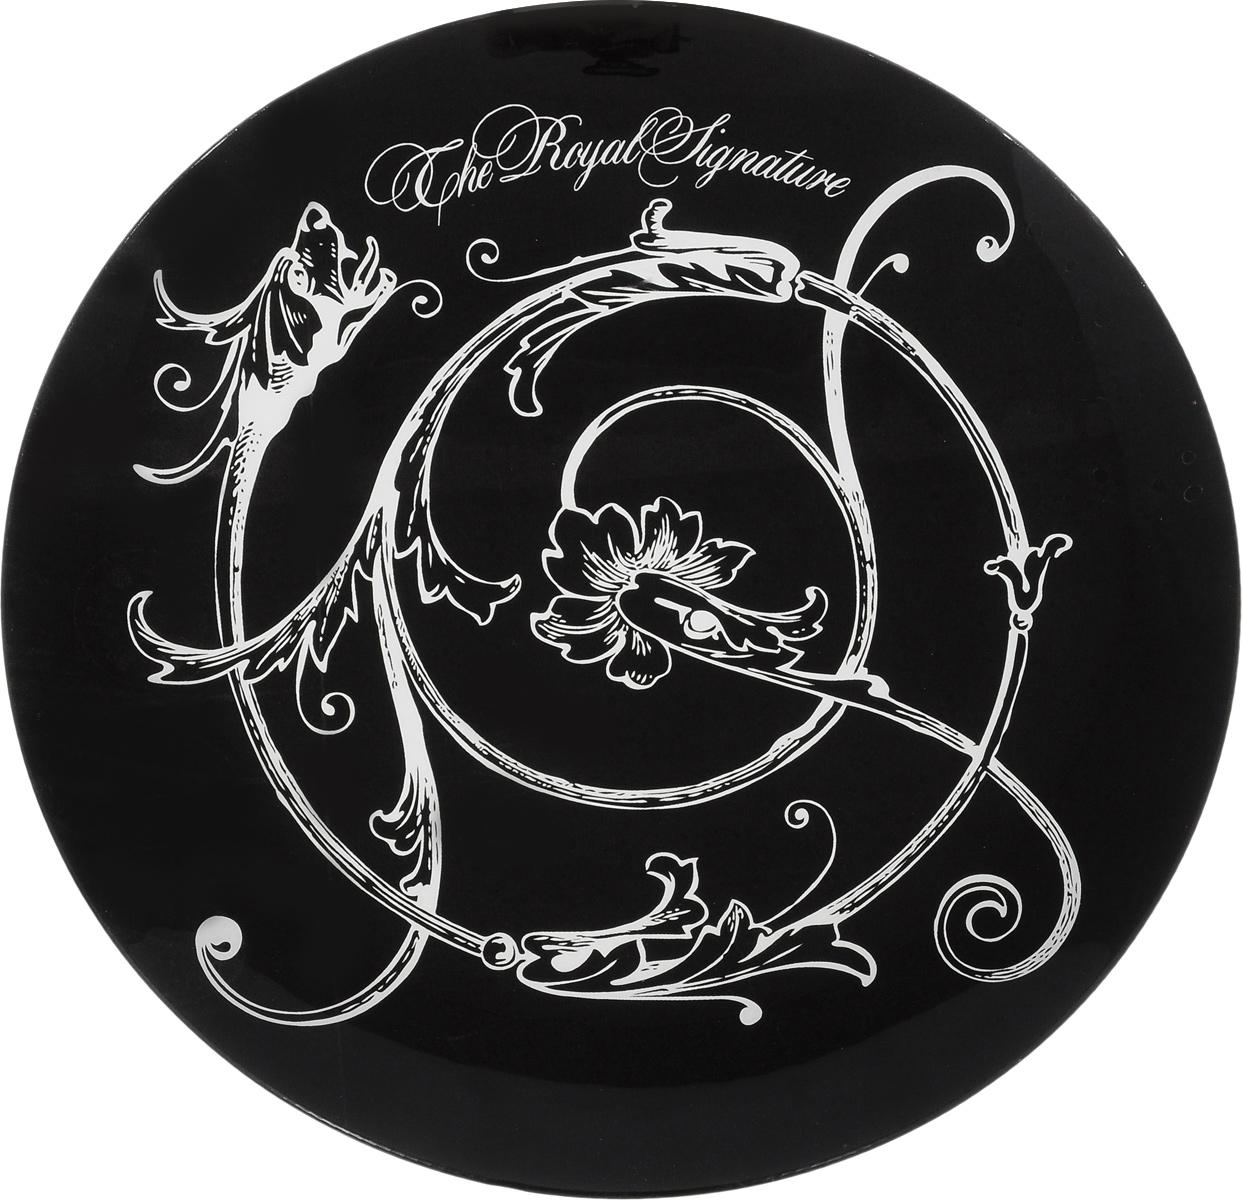 Блюдо Elan Gallery Vegas. Королевский вензель, диаметр 30 см890108 V-010Декоративное блюдо Elan Gallery Vegas. Королевский вензель, изготовленное из стекла, прекрасно подойдет для тортов, пирожных, фруктов, суши-сетов, пиццы и блюд, приготовленных на гриле. Изделие, оформленное оригинальным рисунком, украсит сервировку вашего стола и подчеркнет прекрасный вкус хозяйки. Не рекомендуется применять абразивные моющие средства. Не использовать в микроволновой печи. Диаметр блюда: 30 см. Высота блюда: 2 см.